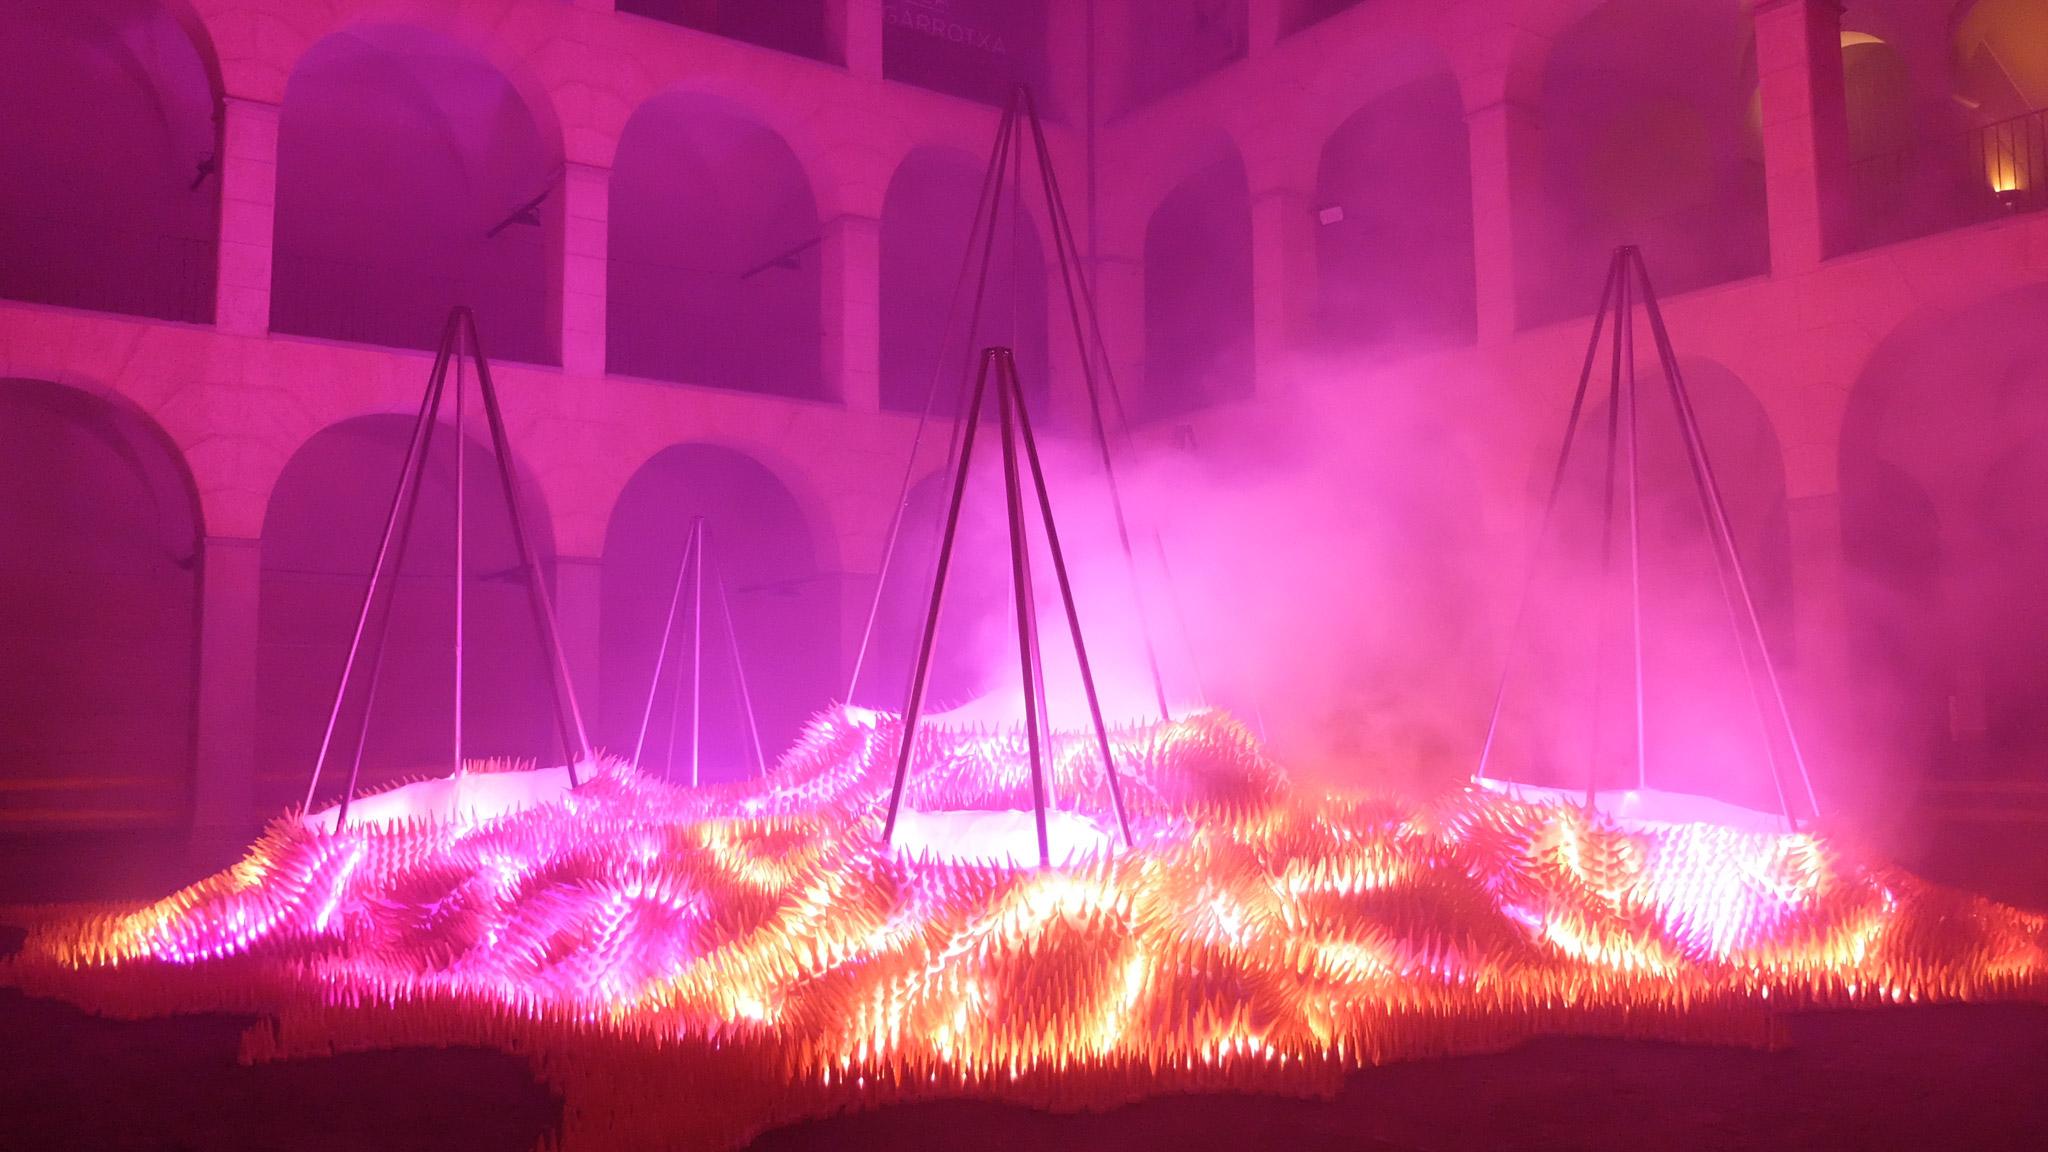 atelier4-anna-junca-interiorista-banyoles-efimera-lluernia-olot-hell-sweet-hell-2